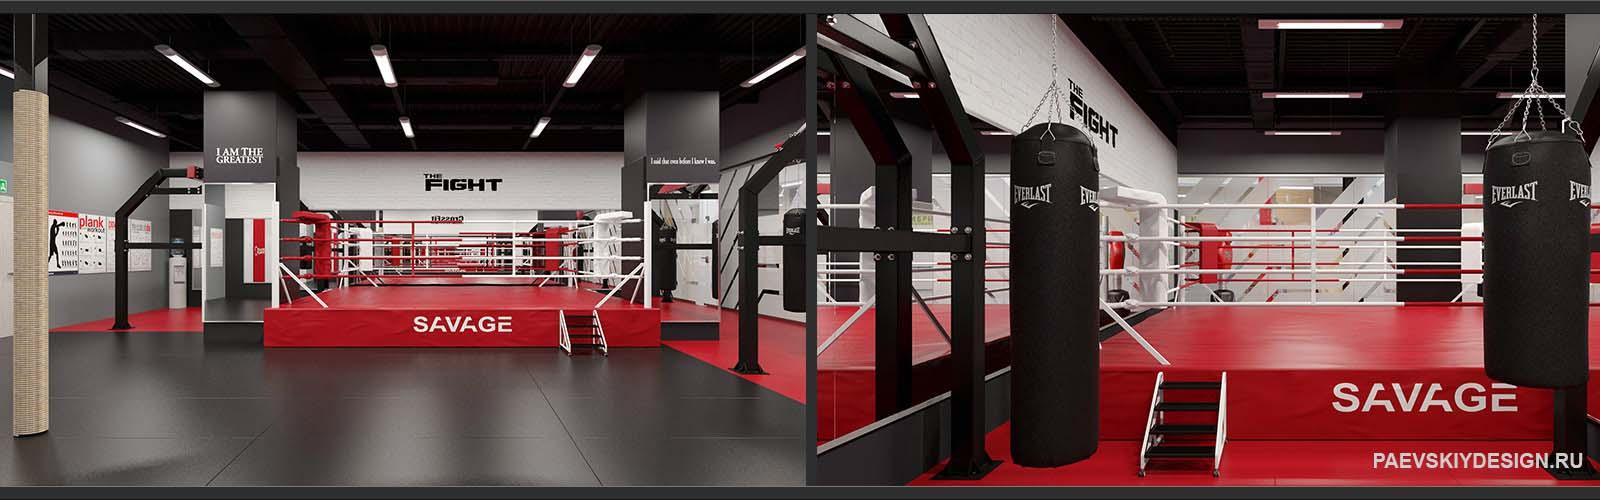 Оформление зала единоборств фитнес клуба